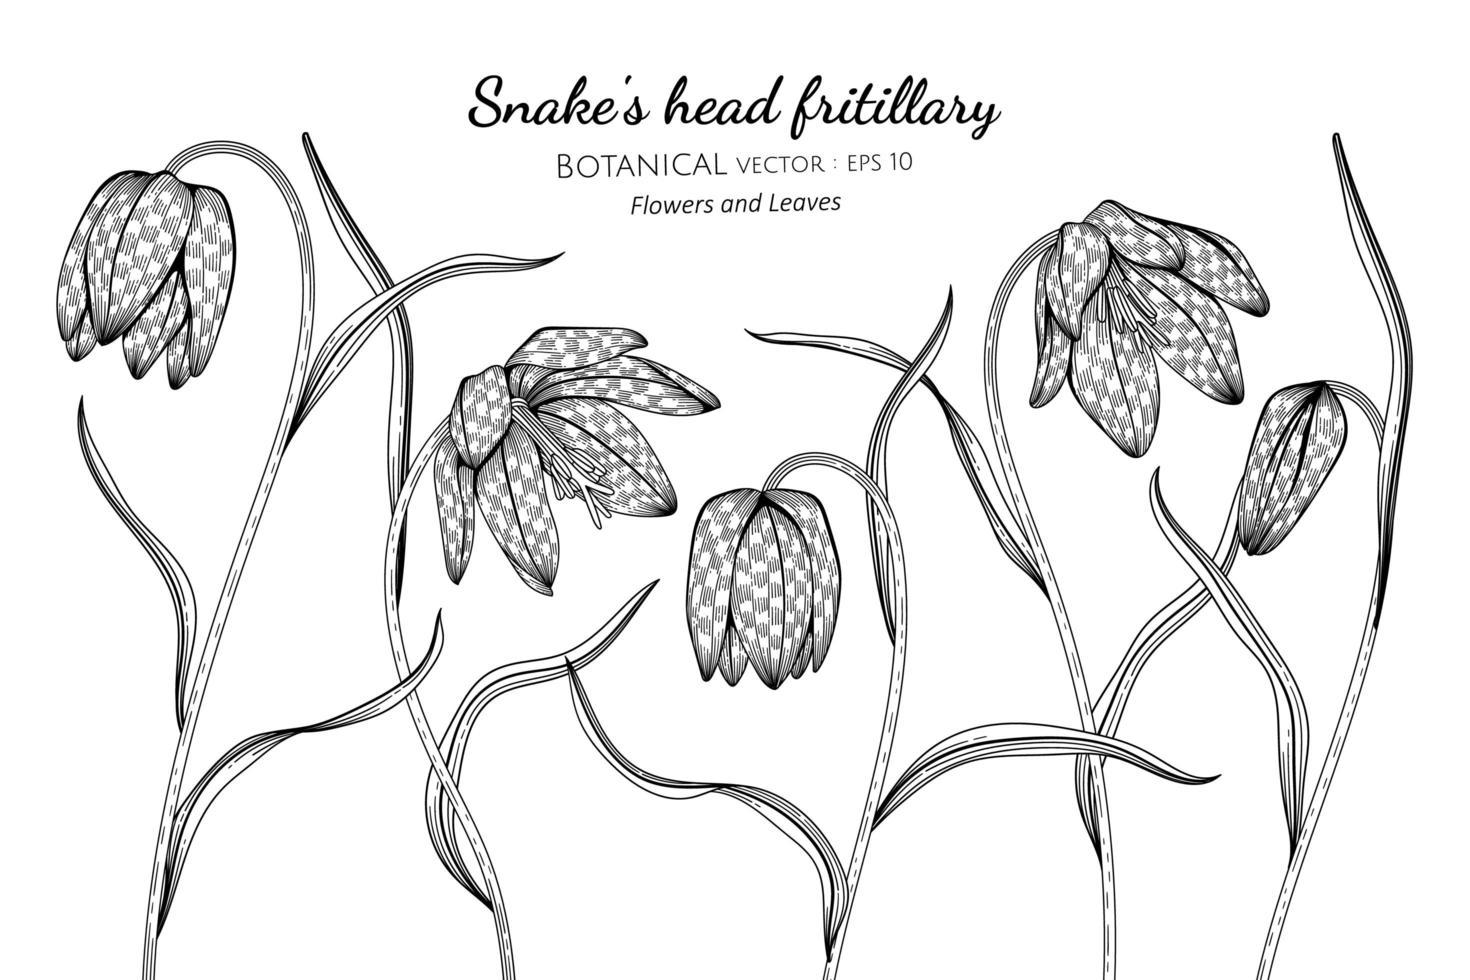 fleurs et feuilles fritillaires tête de serpent dessinés à la main vecteur